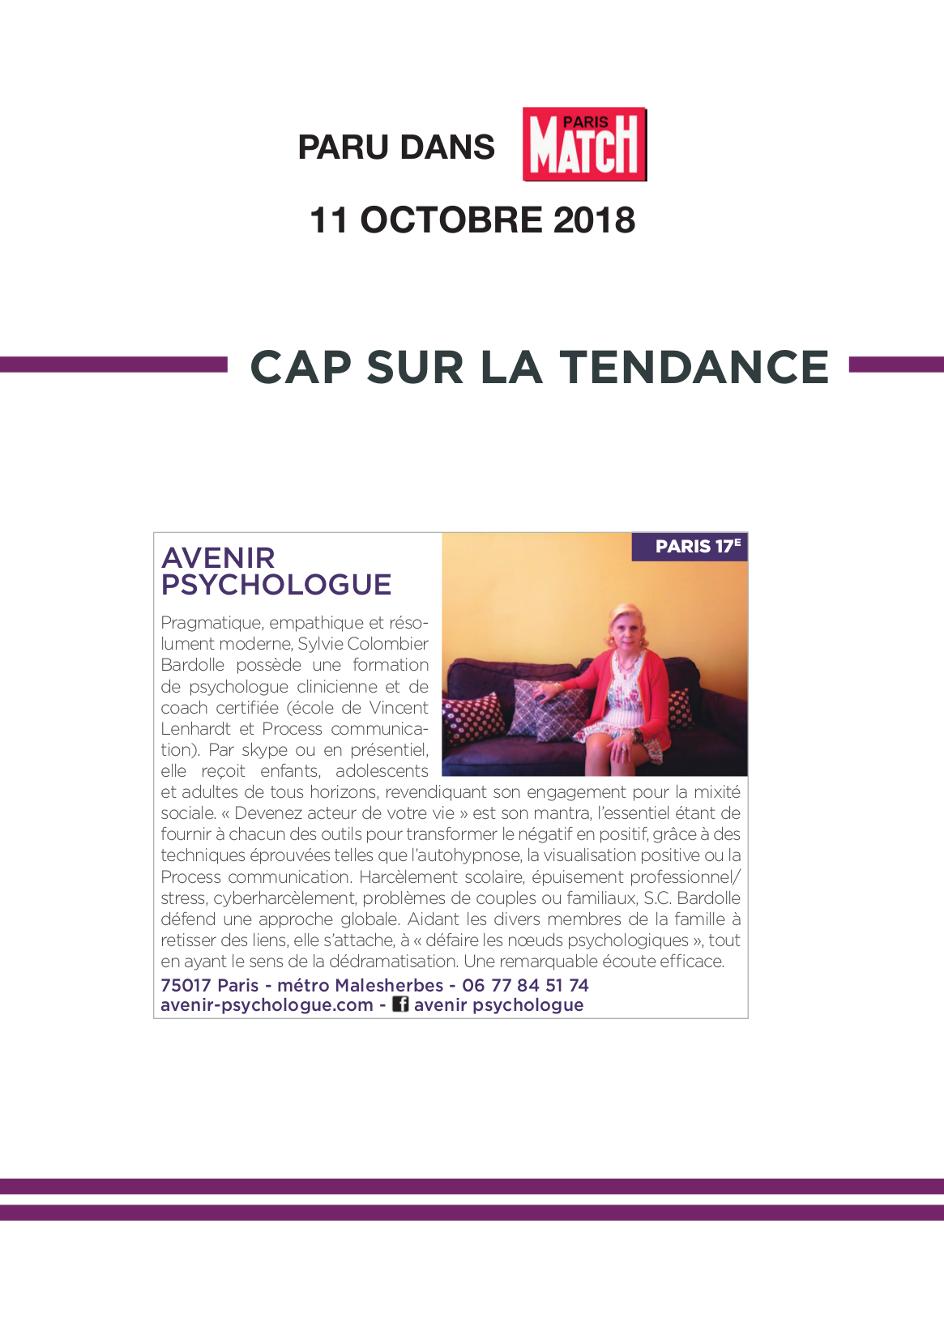 Avenir Psychologue Paris 17 - Gestion du stress, confiance en soi , communication adultes, adolescents et enfants